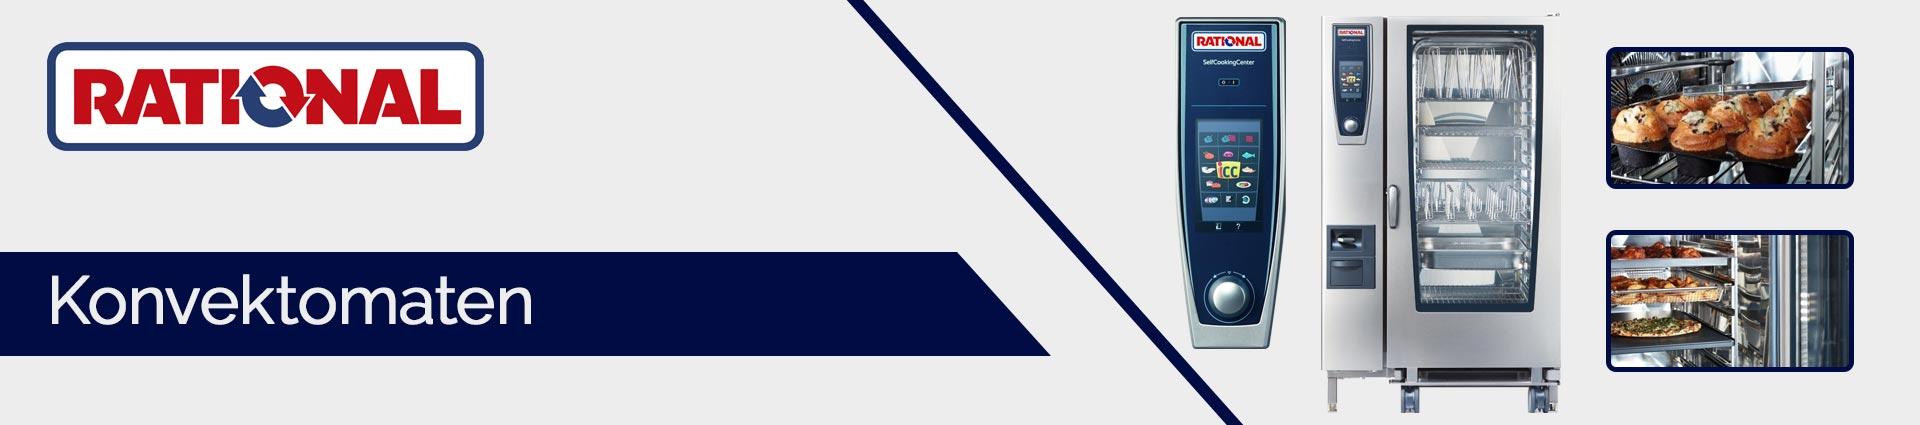 Rational Konvektomaten Banner